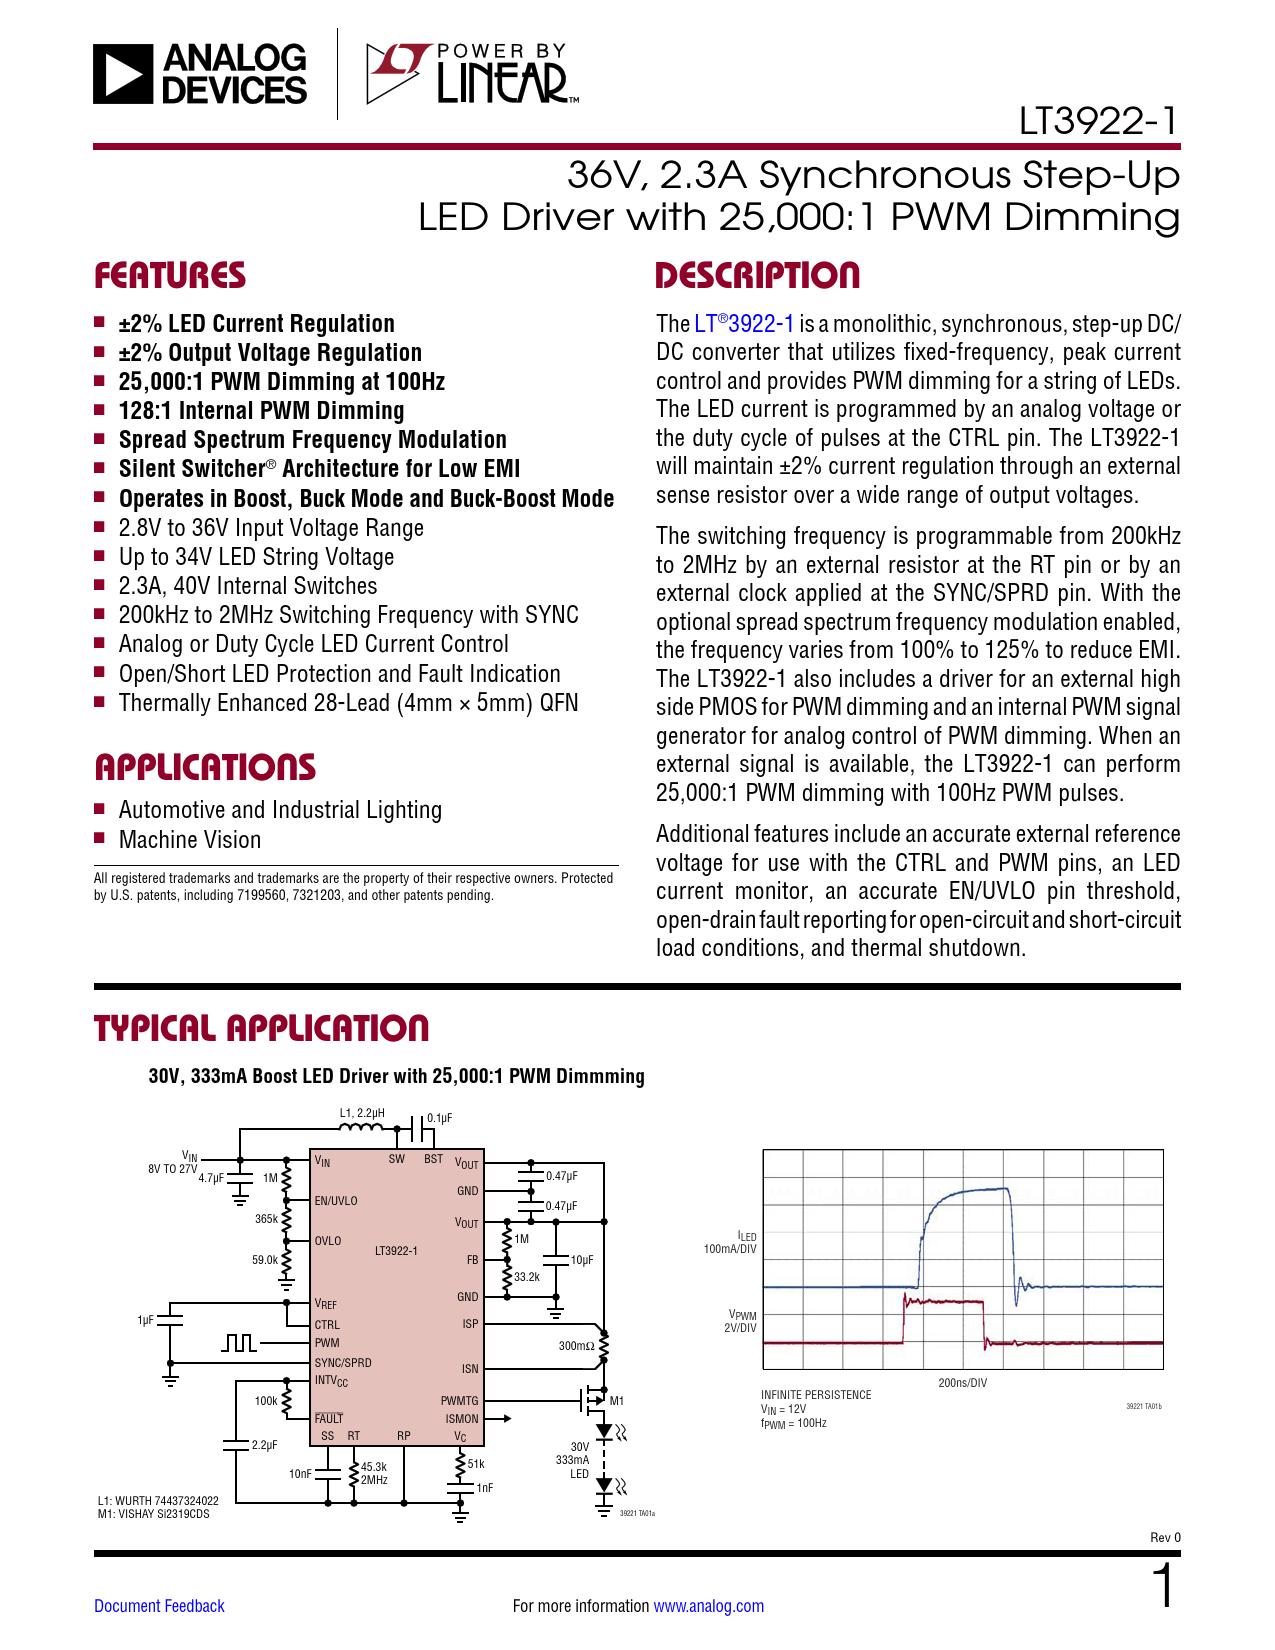 Datasheet LT3922-1 Analog Devices